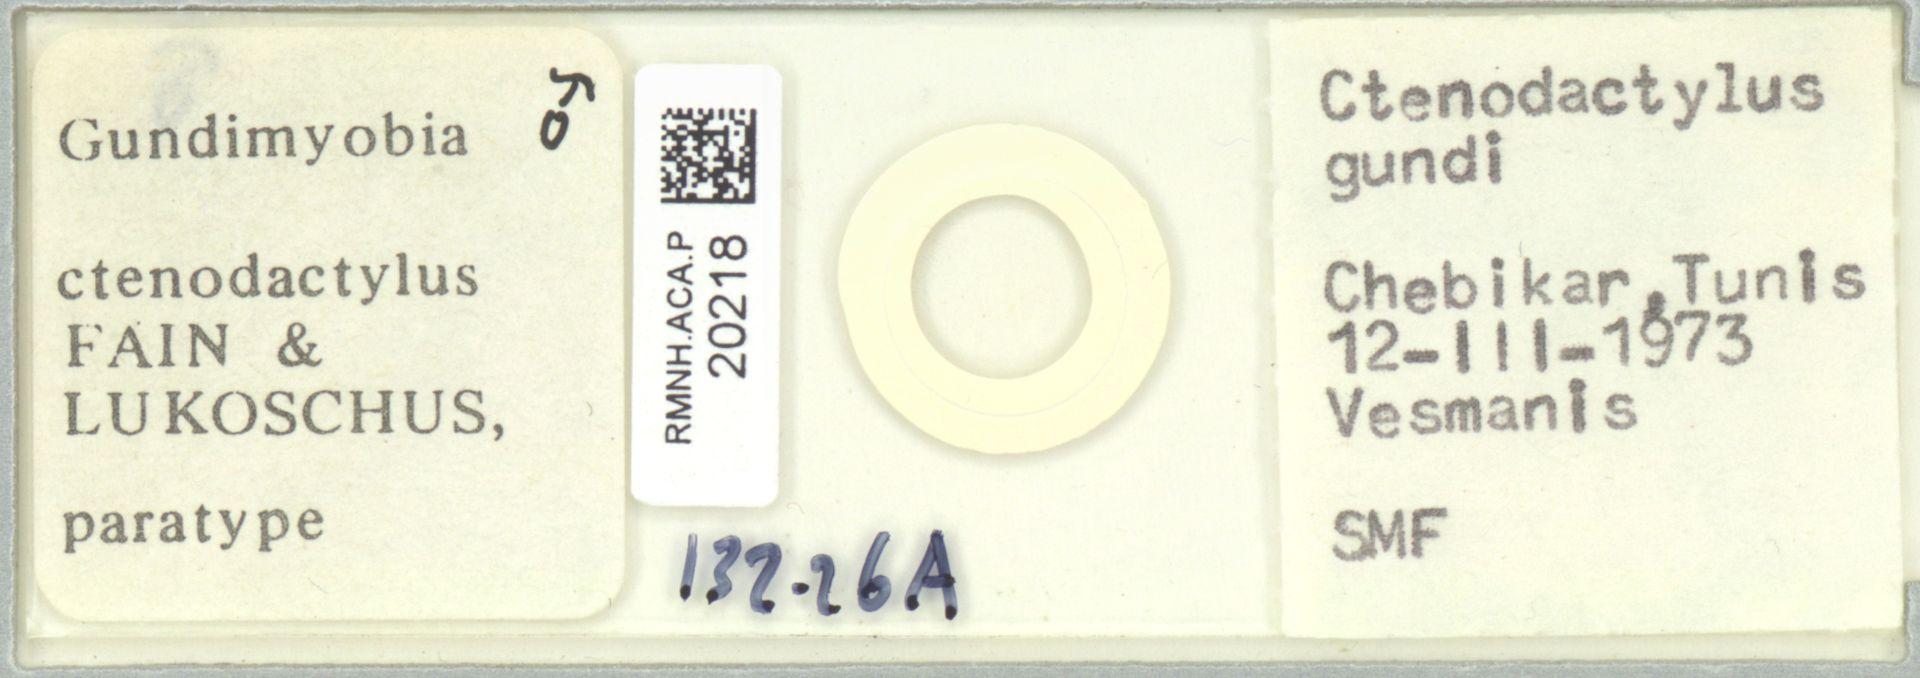 RMNH.ACA.P.20218 | Gundimyobia ctenodactylus